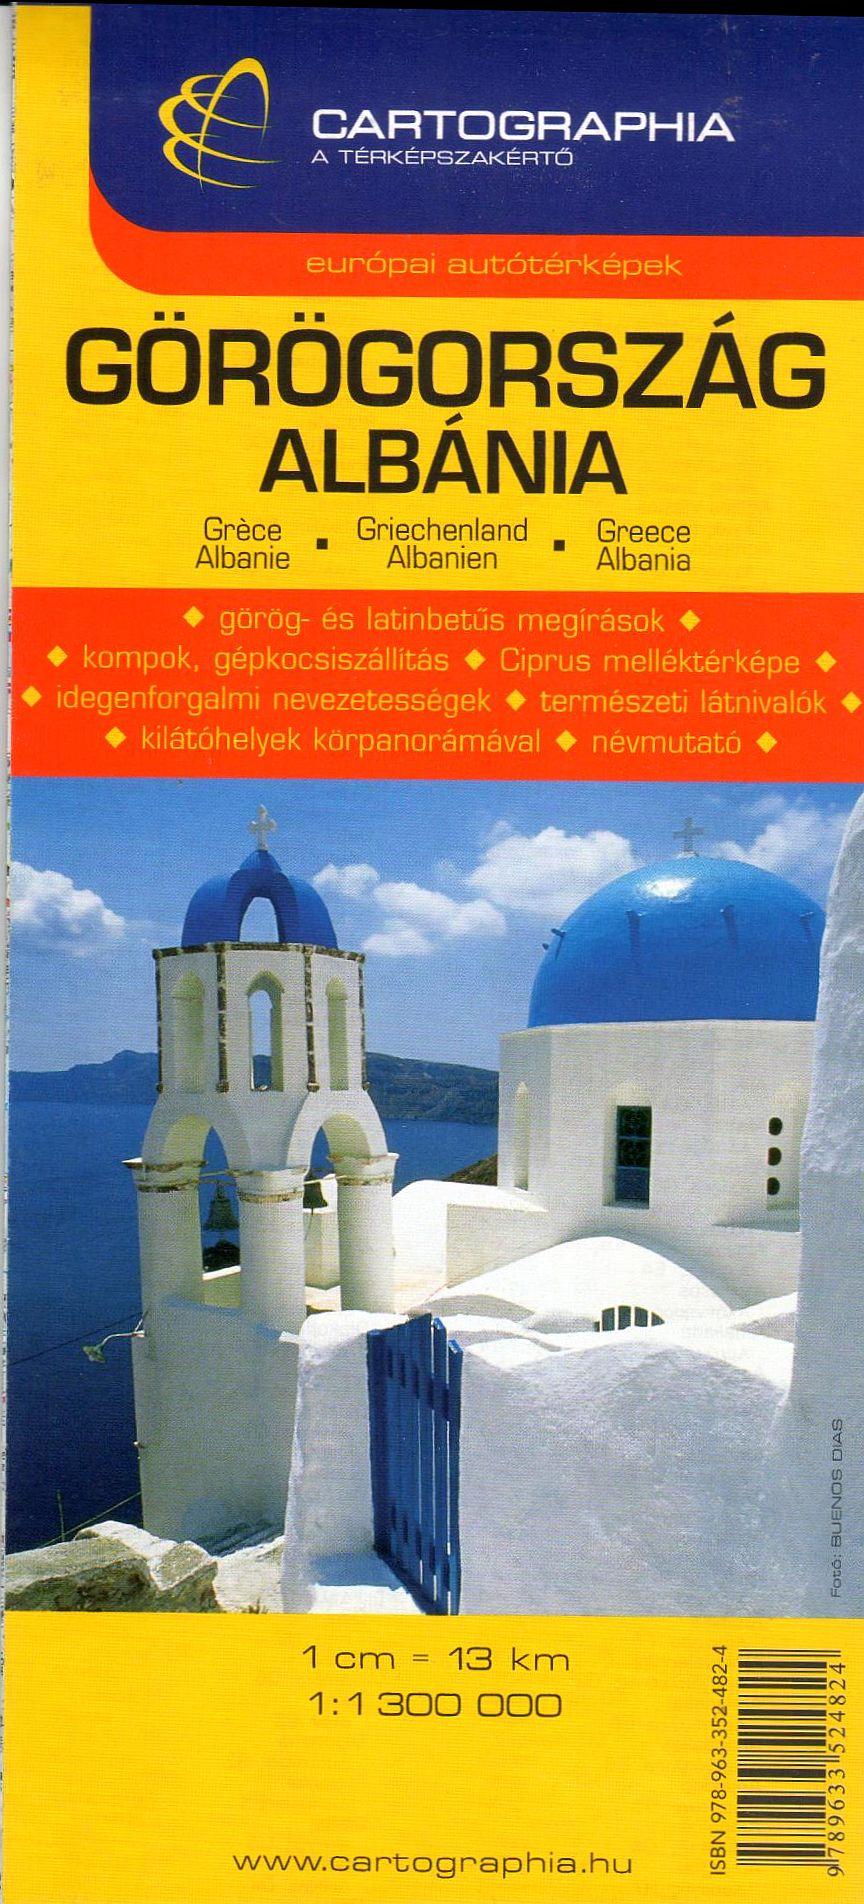 Görögország, Albánia autótérképe turista információkkal, névjegyzékkel, latin- és görög betűs városnevekkel és Ciprus melléktérképpel